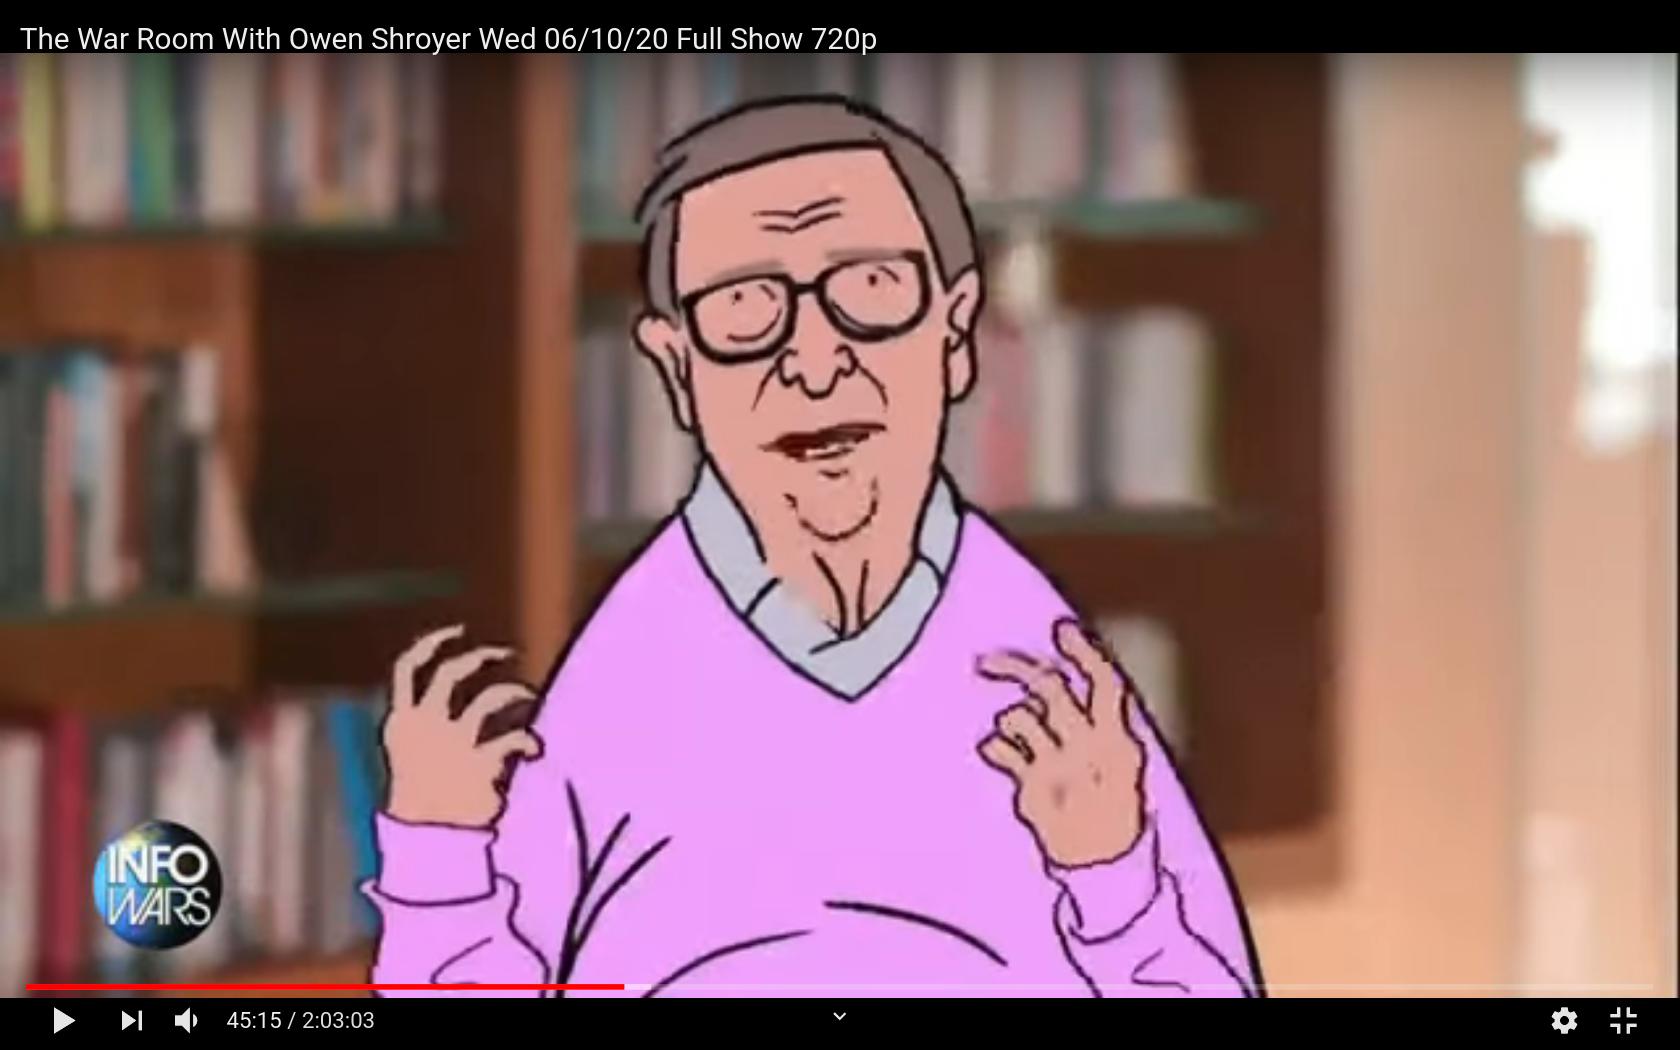 Bill Gates Screenshot at 2020-06-10 19:54:18.png